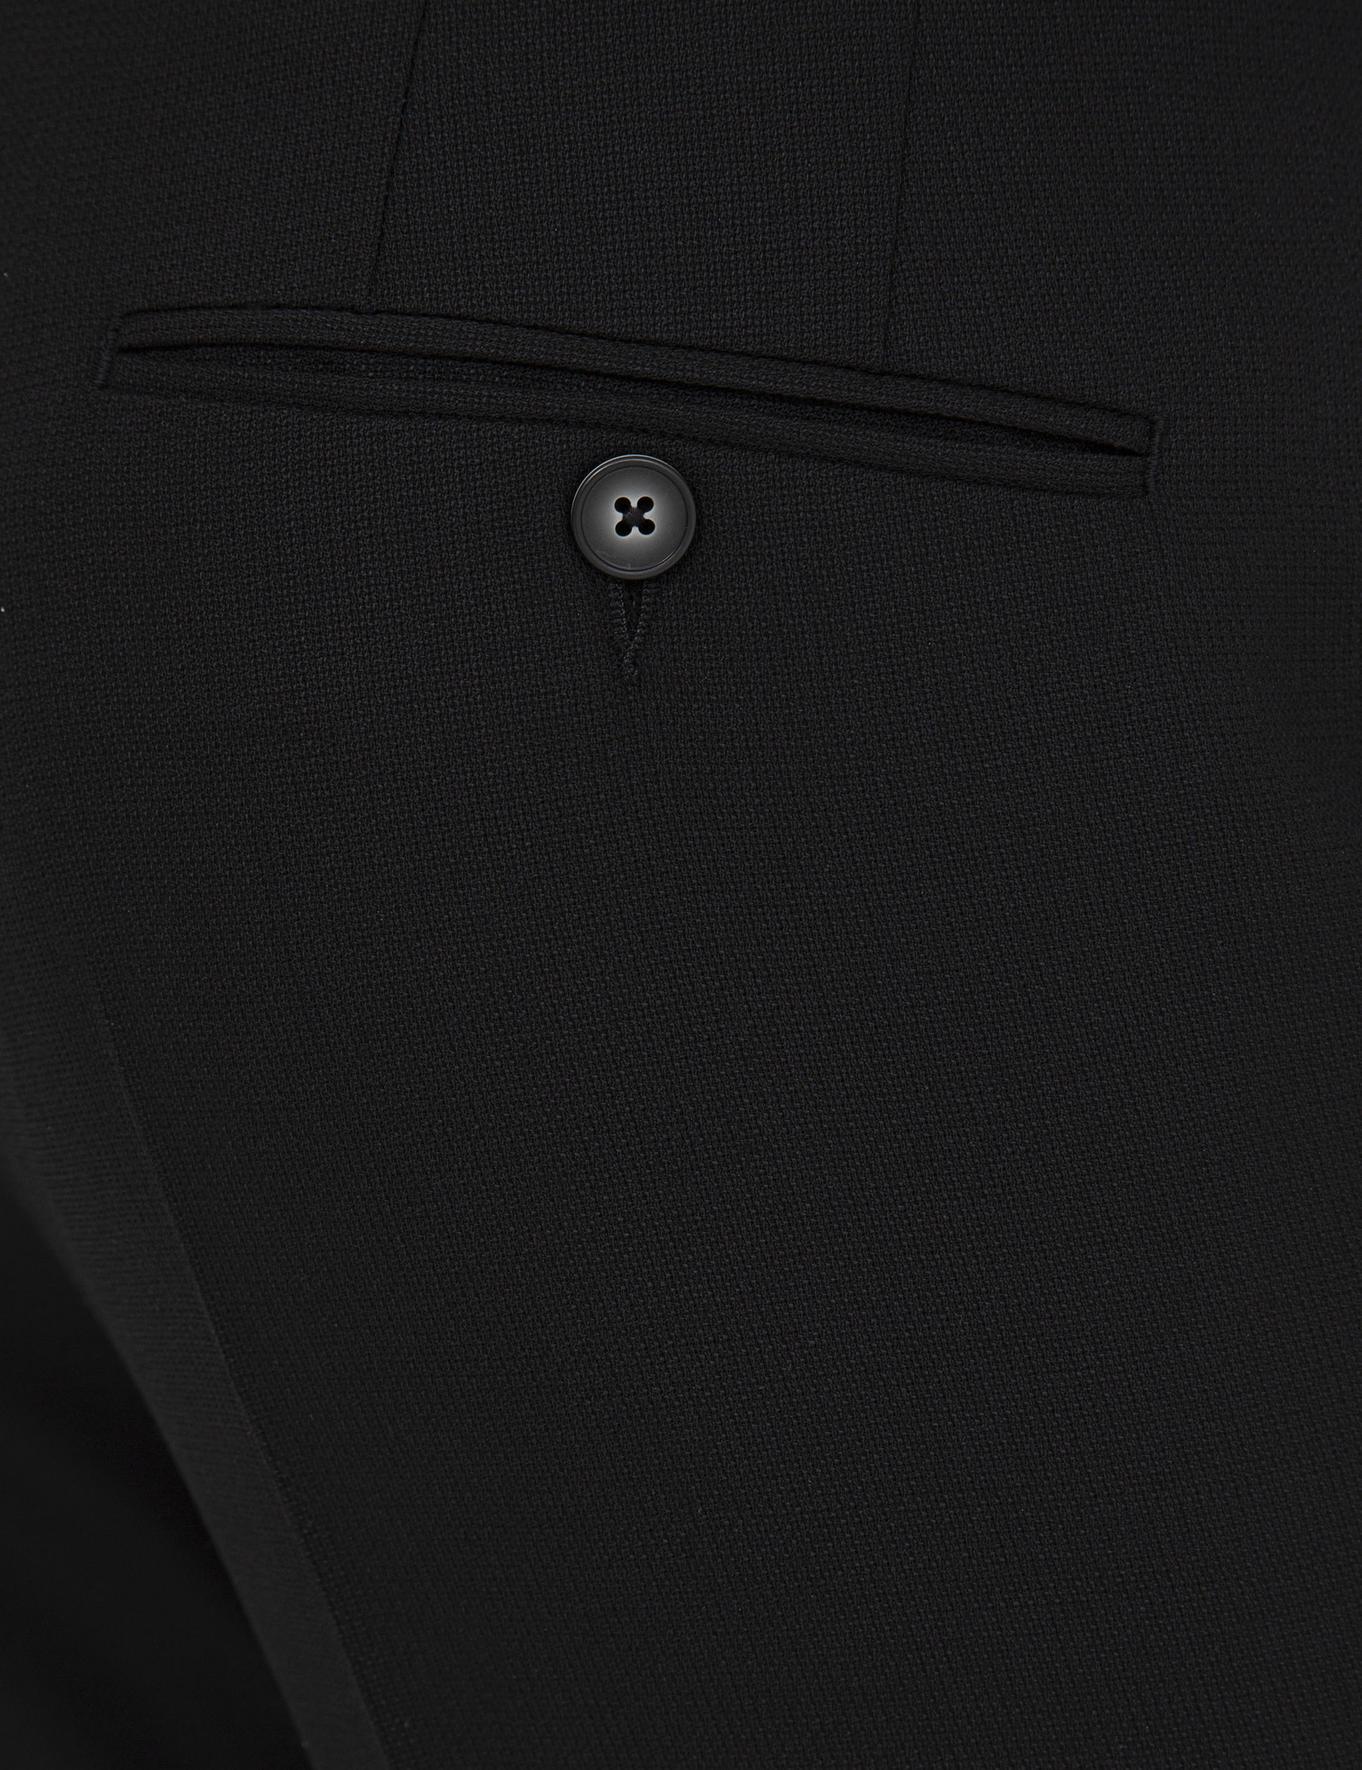 Siyah Slim Fit Pantolon - 50235732014